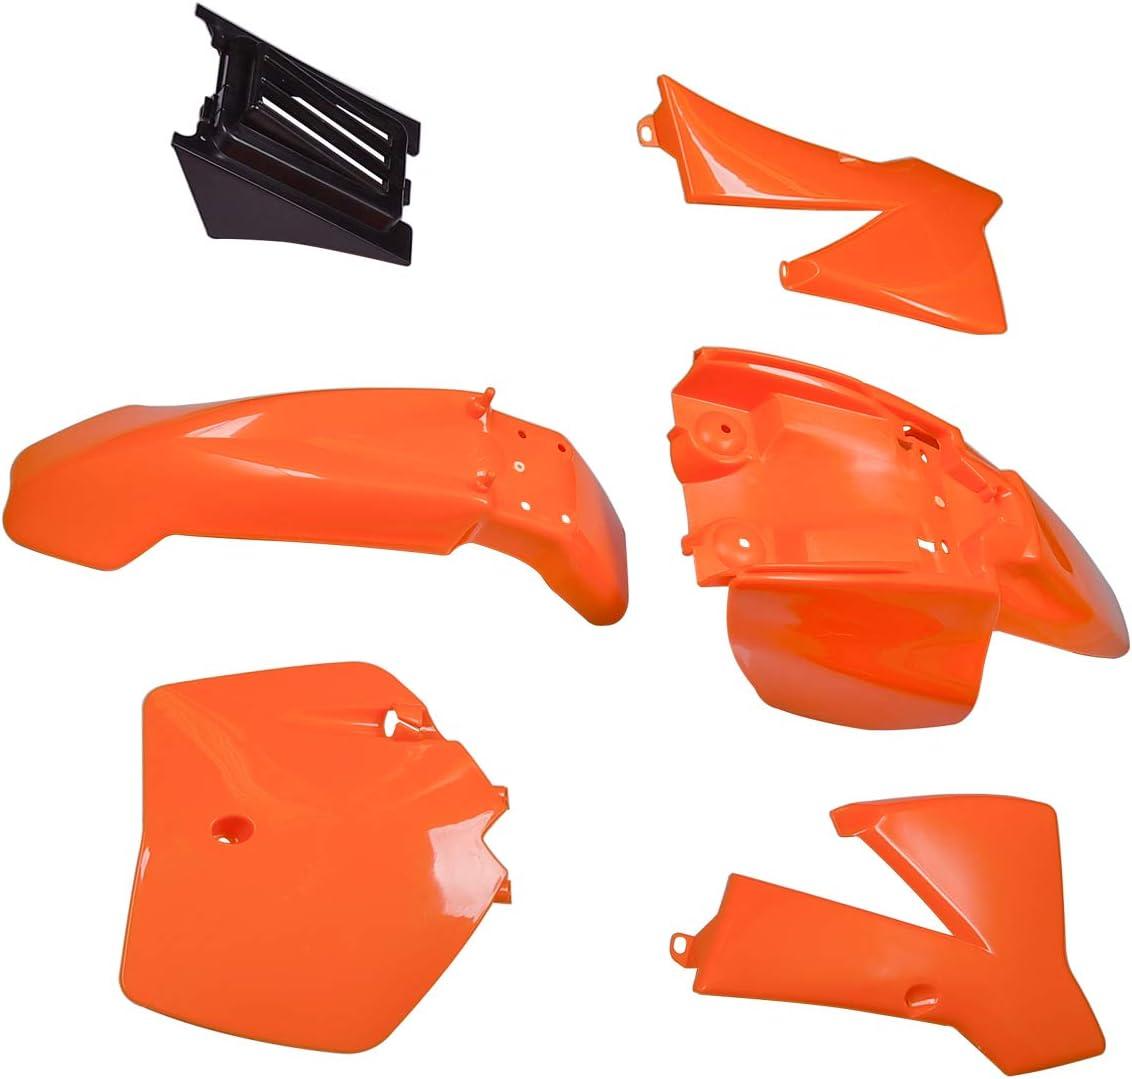 Kit de garde-boue en plastique Remplacement pour KTM50 KTM50SX MT50 MTK50 Mini Adventure 2002-2008 KTM 50 SX Junior 50cc Orange